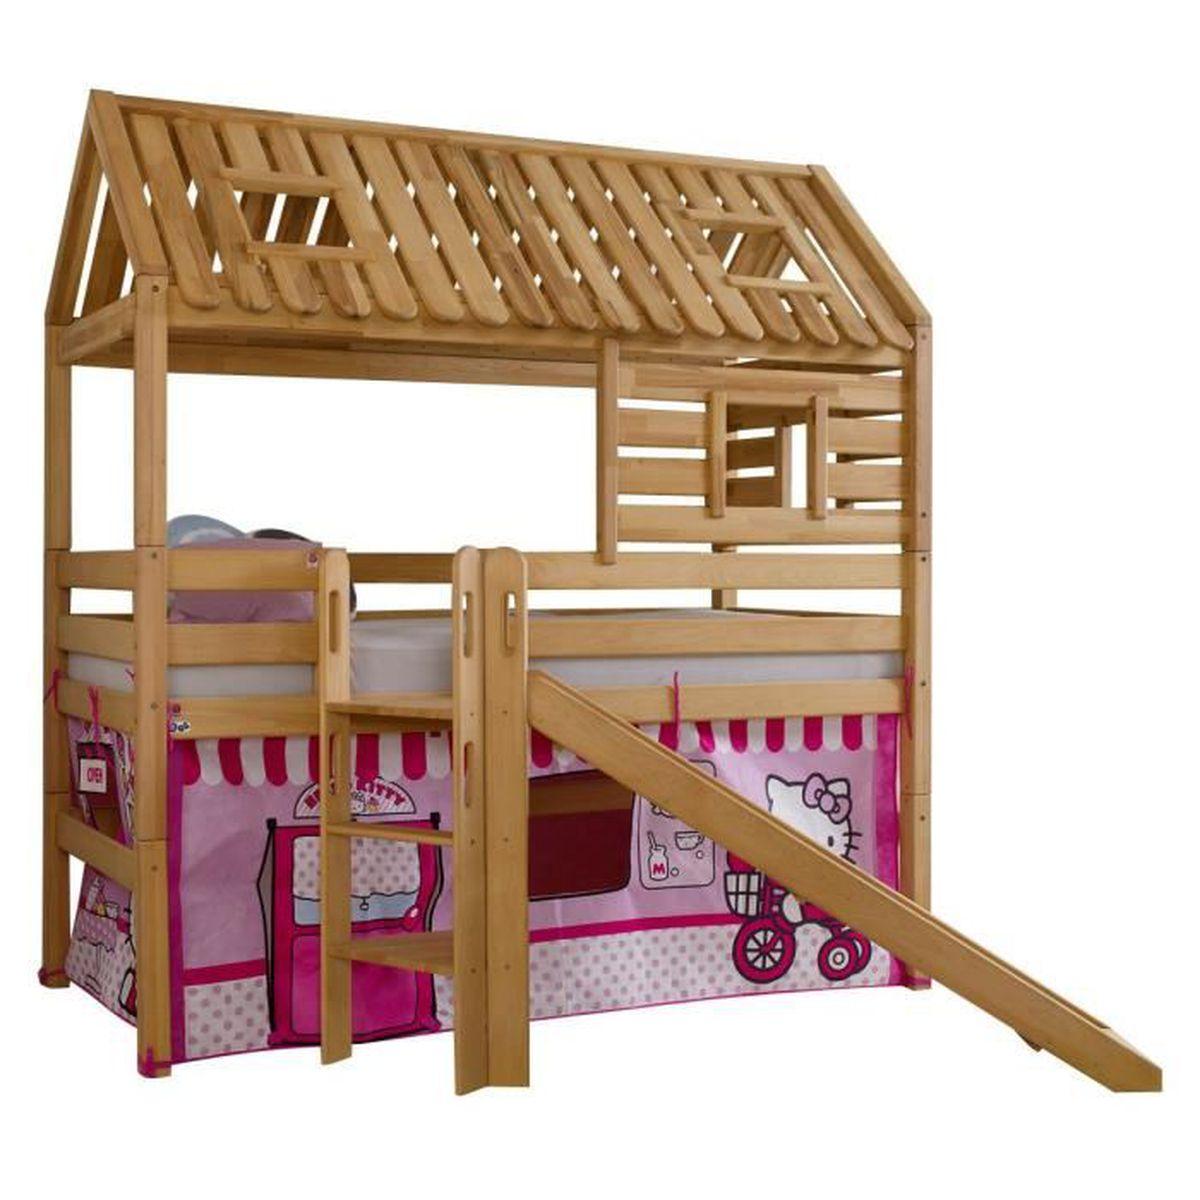 lit sur lev 90x200 cm avec cabane et toboggan r versible en h tre et textile design hello kitty. Black Bedroom Furniture Sets. Home Design Ideas